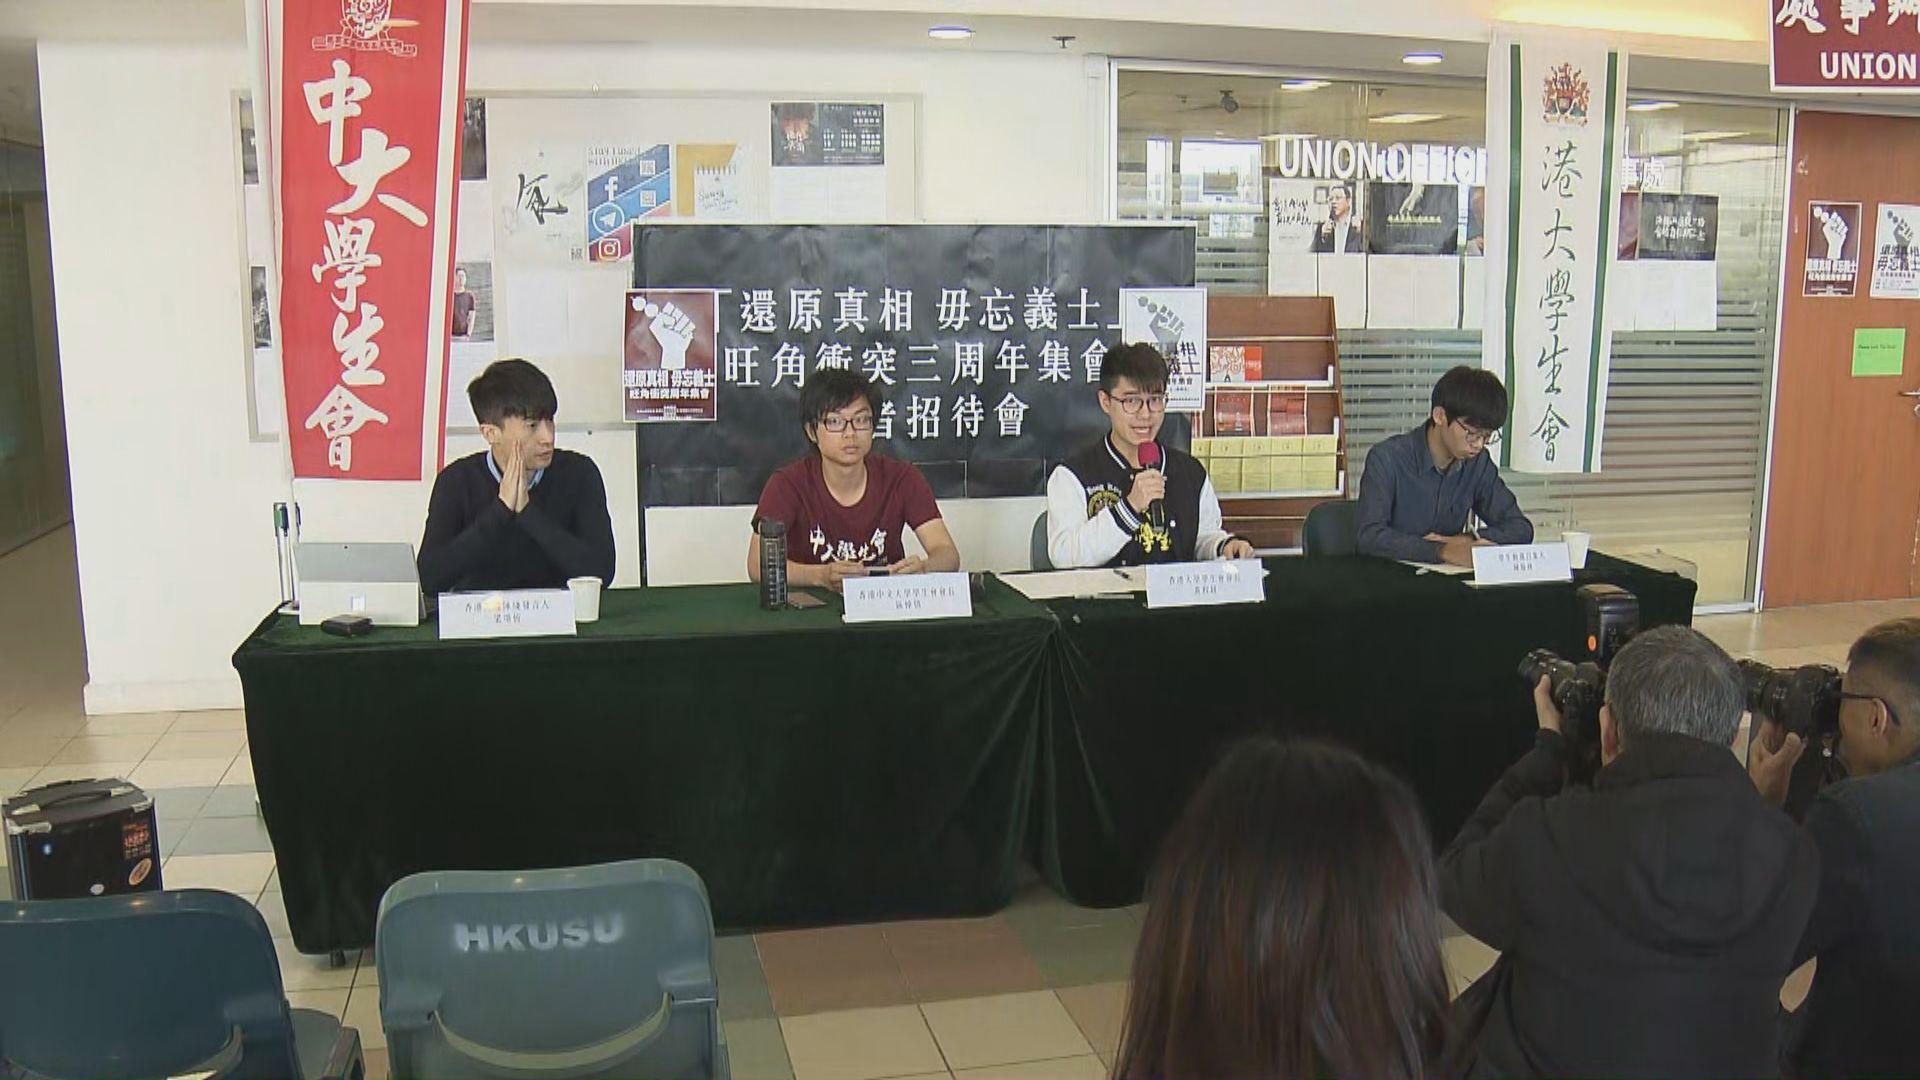 學生團體擬下周五舉行旺角騷亂三周年集會